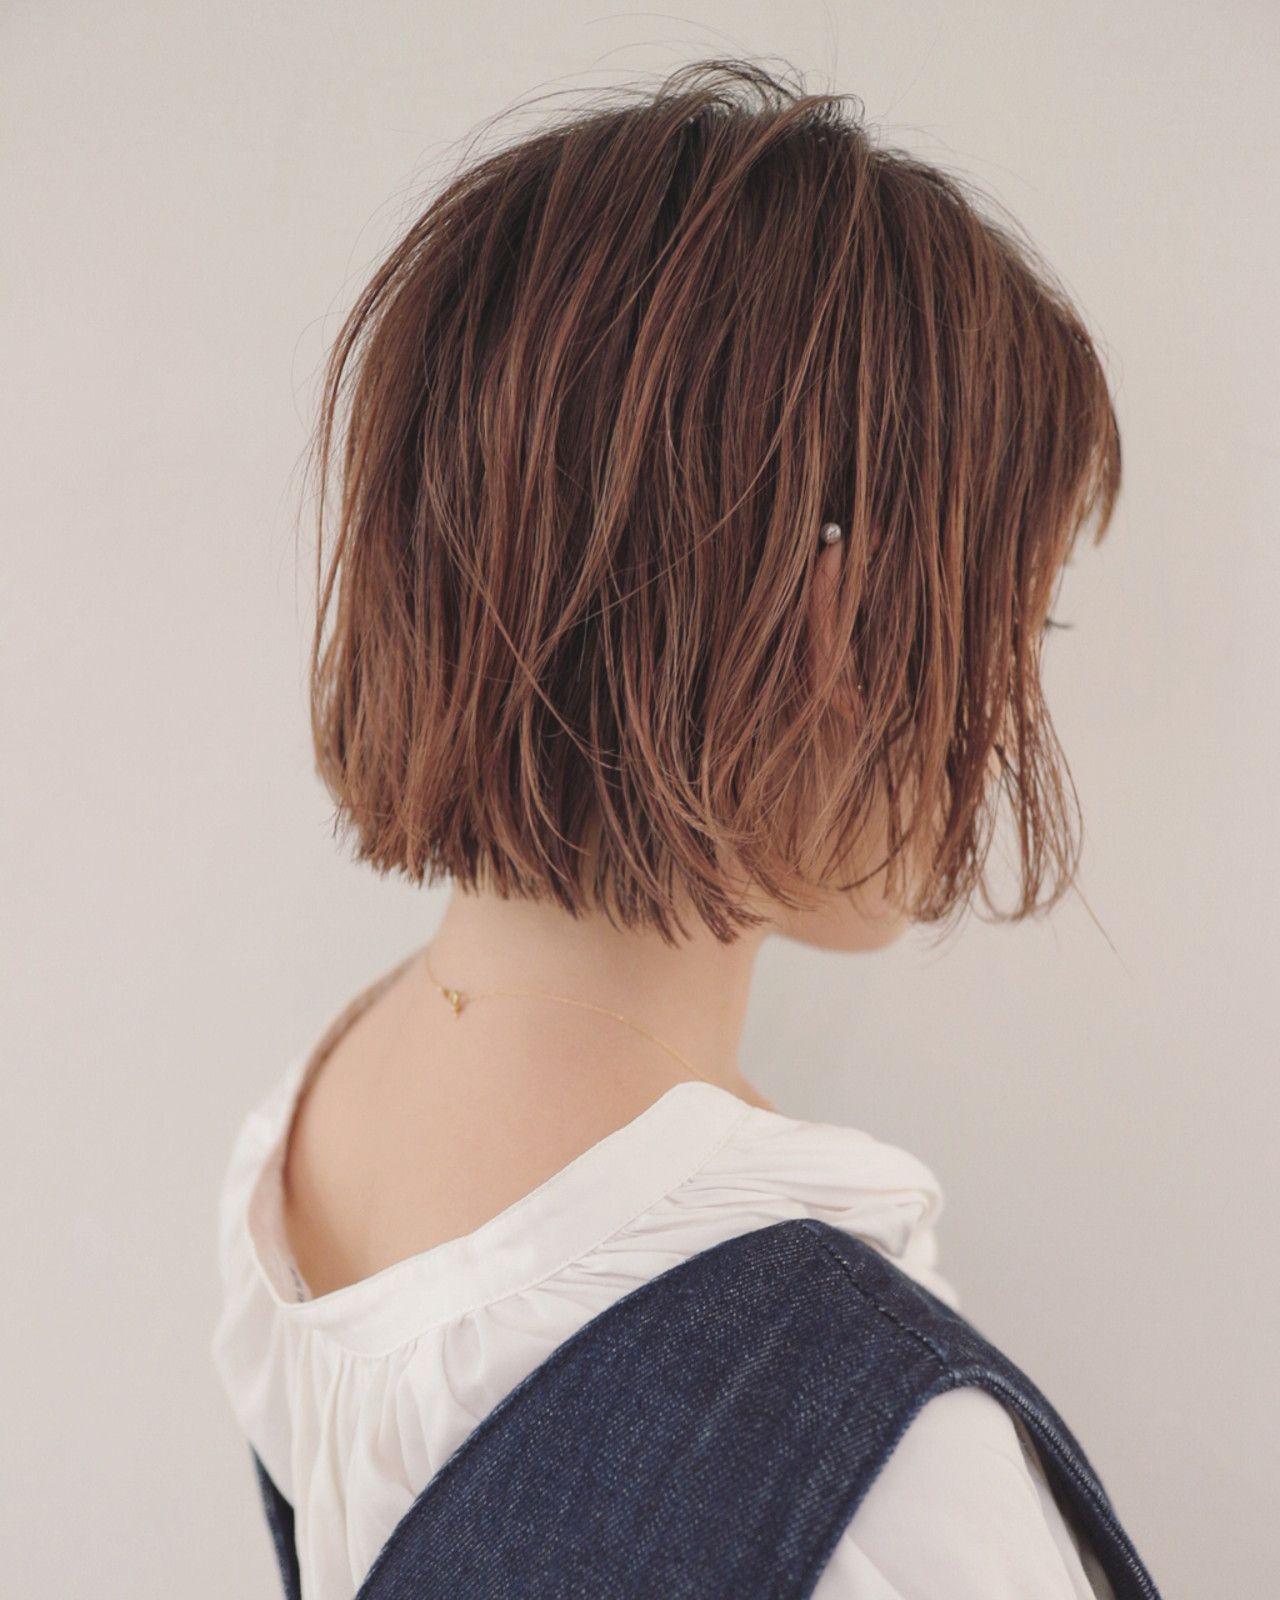 濡れ髪 アレンジで色っぽスタイルをゲット Hair ブラント